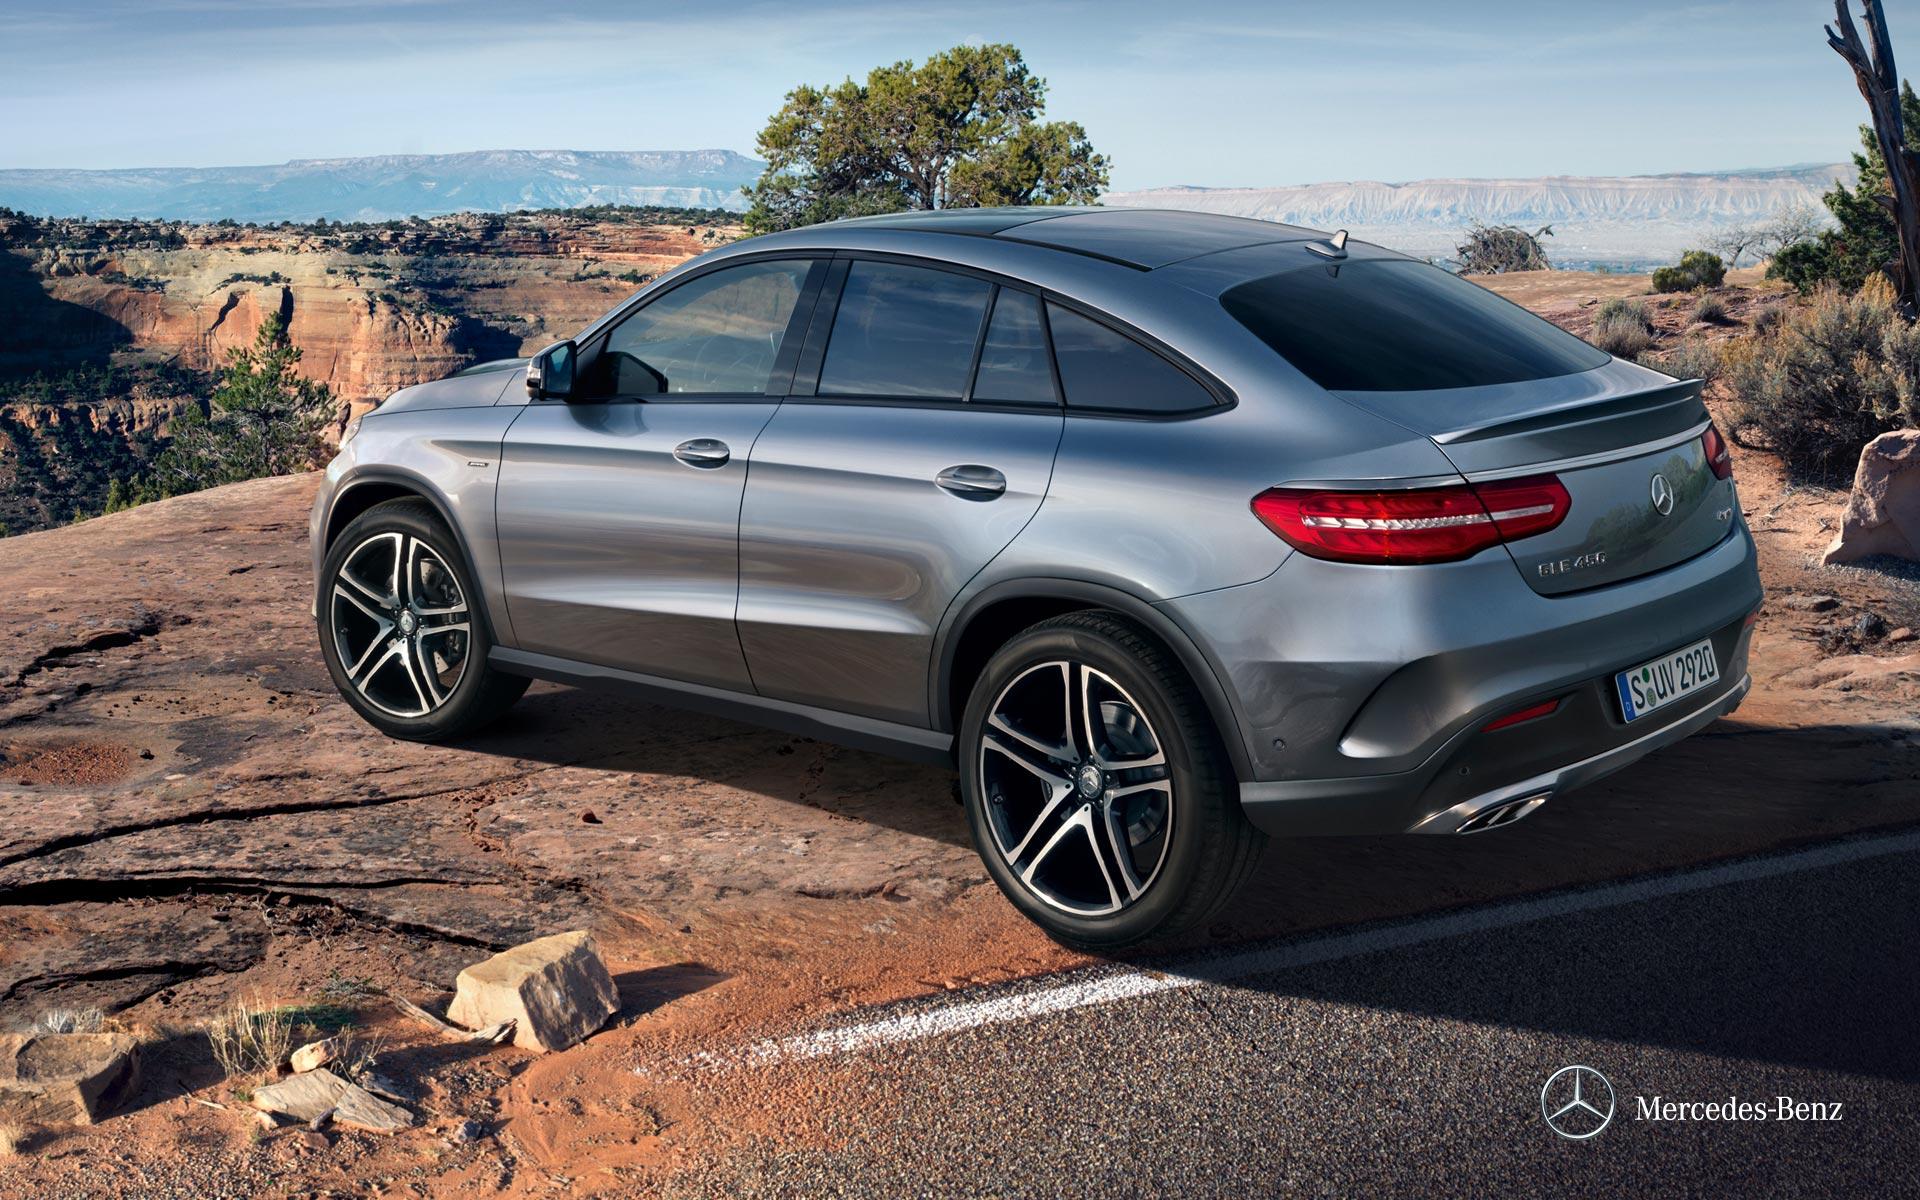 Mercedes-Benz Clase GLE Coupé - Portada